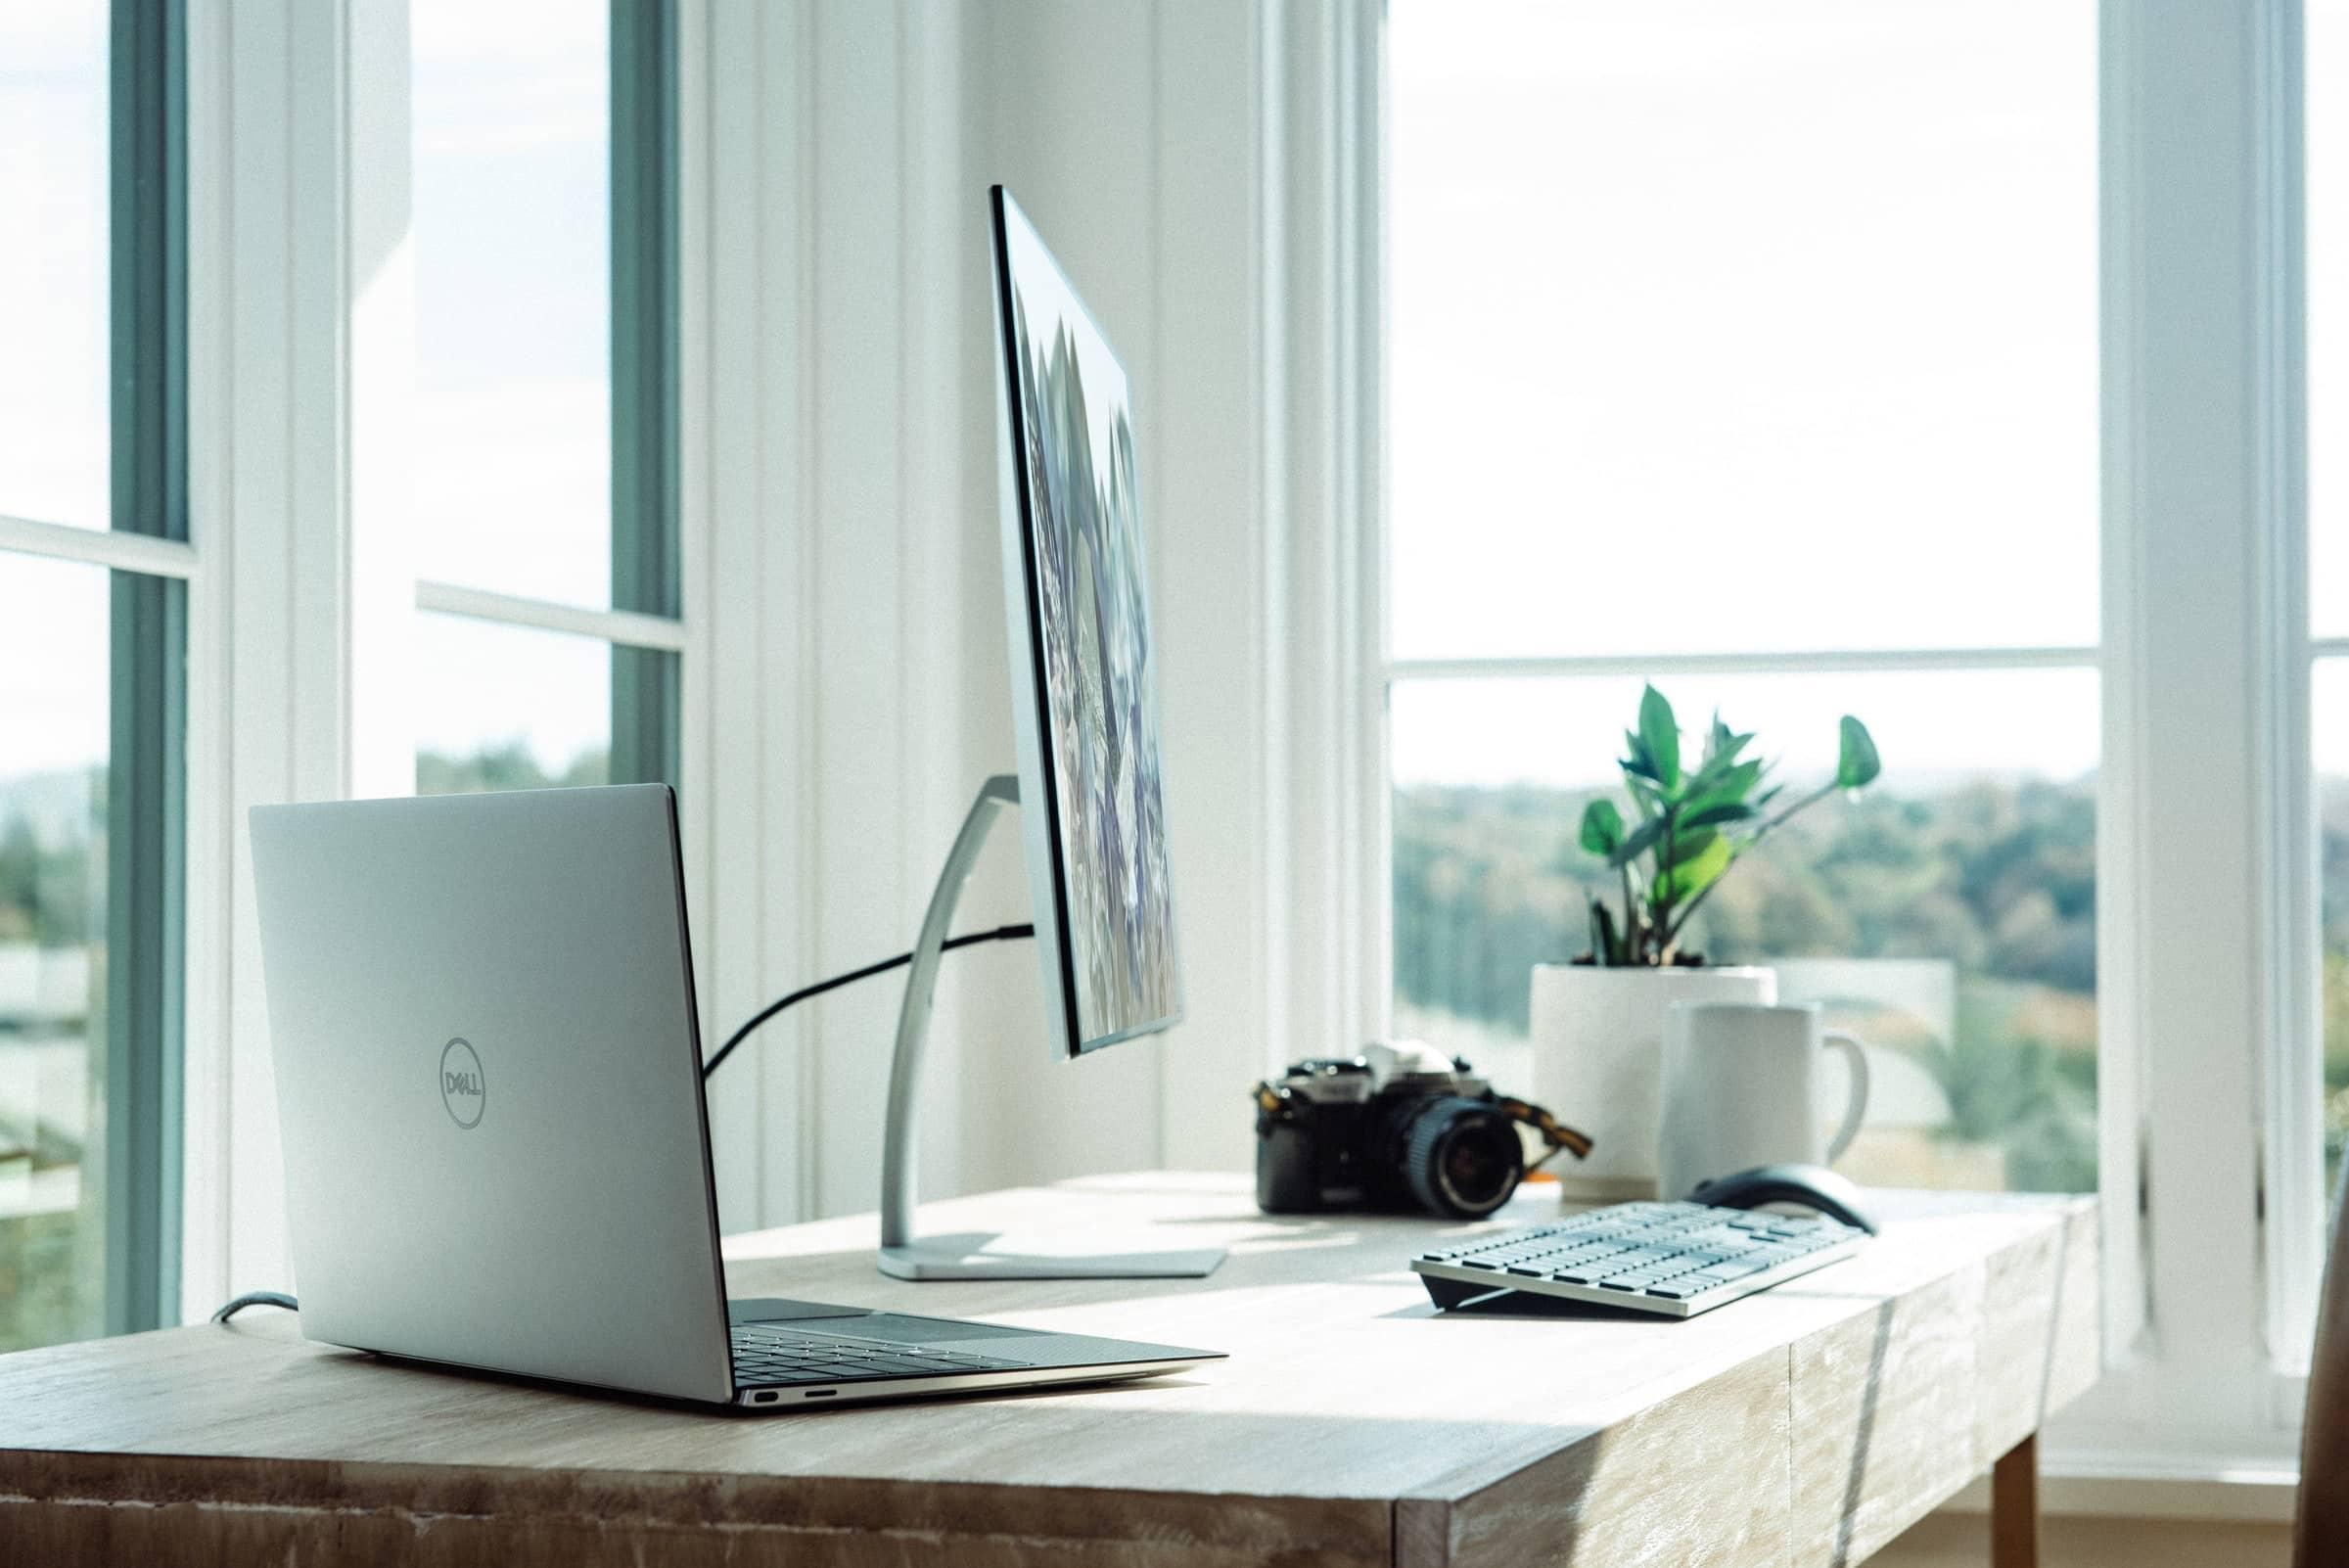 Webdesign Mönchengladbach - Moderner Arbeitsplatz mit Monitor und viel natürlichem Licht.